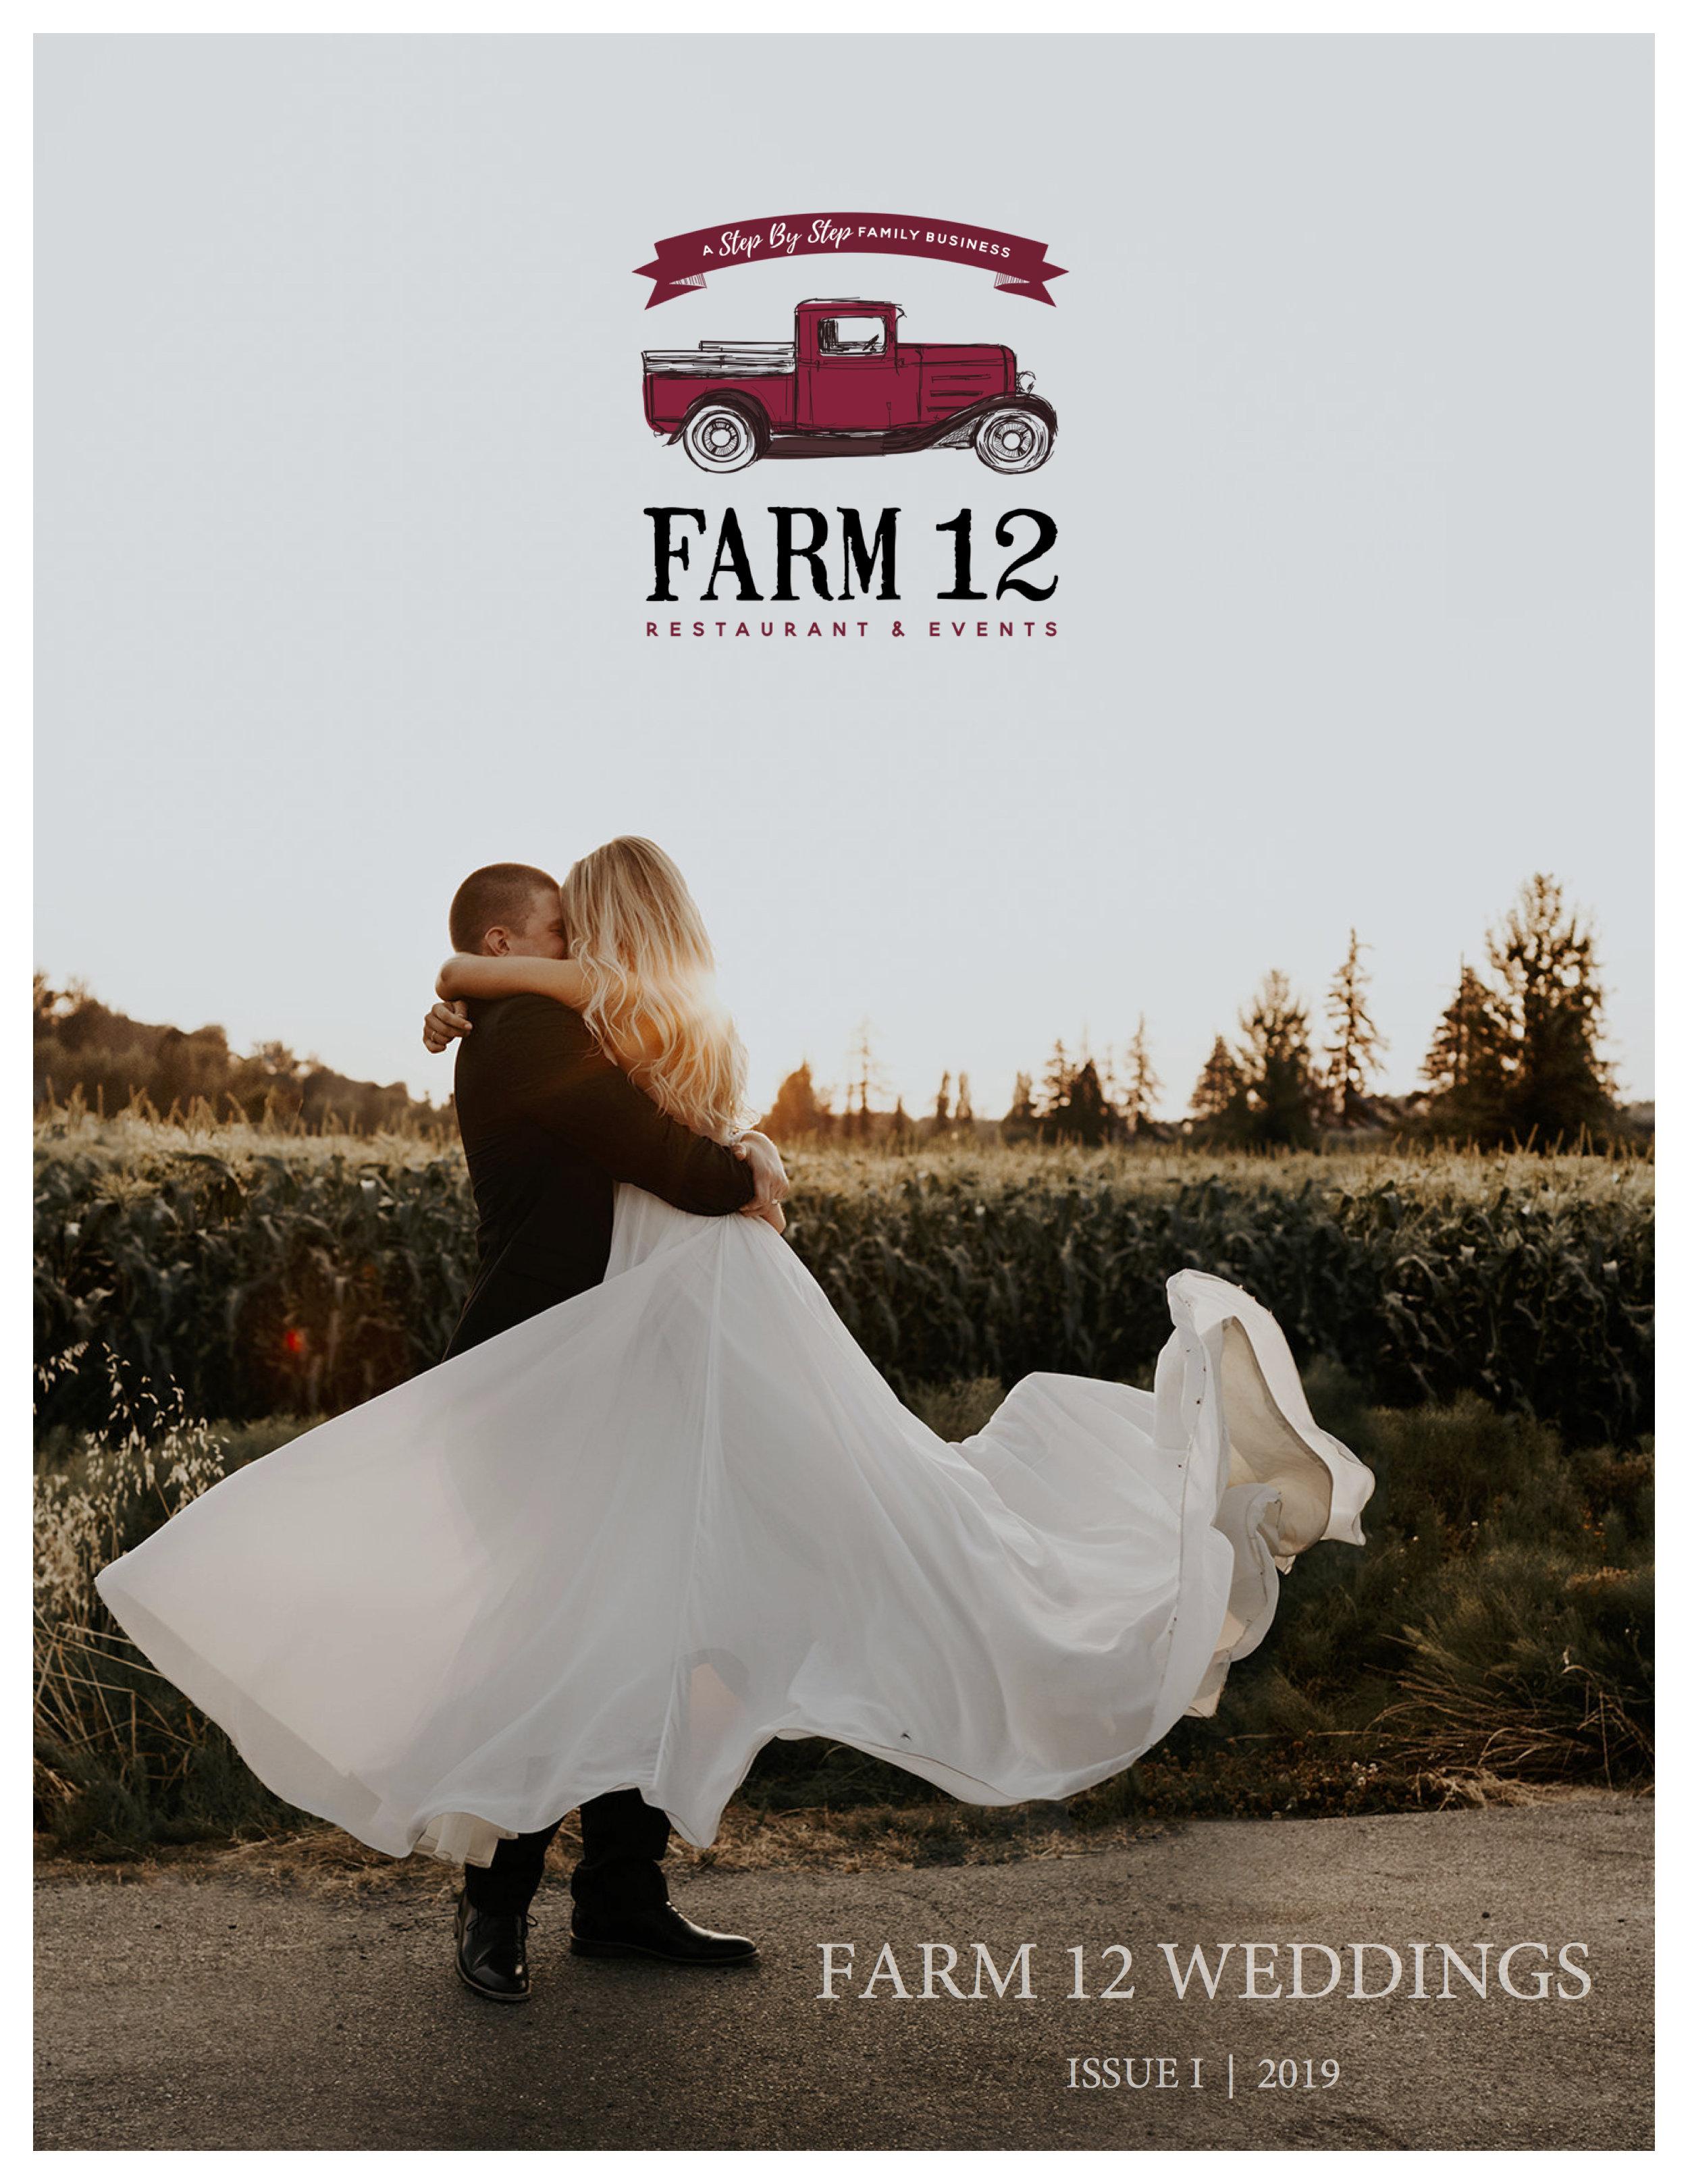 The Farm 12 Experience_10_07_2019.jpg